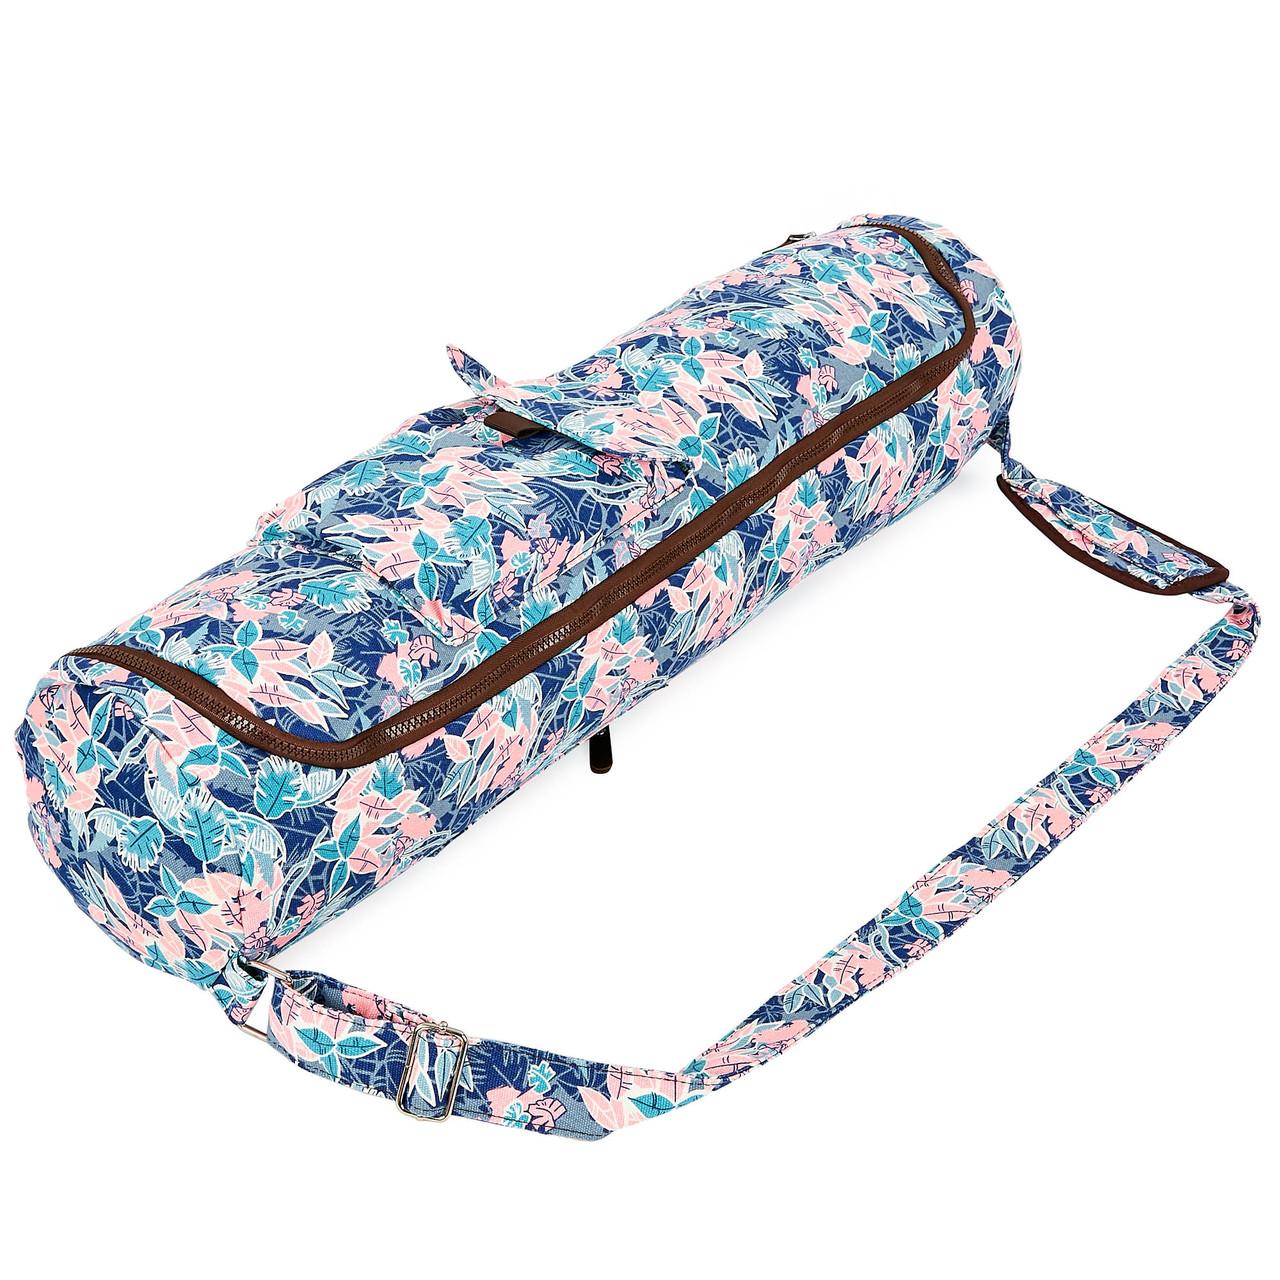 Сумка для йога коврика Yoga bag KINDFOLK FI-8362-2 (размер 17смх72см, полиэстер, хлопок, розовый-голубой)